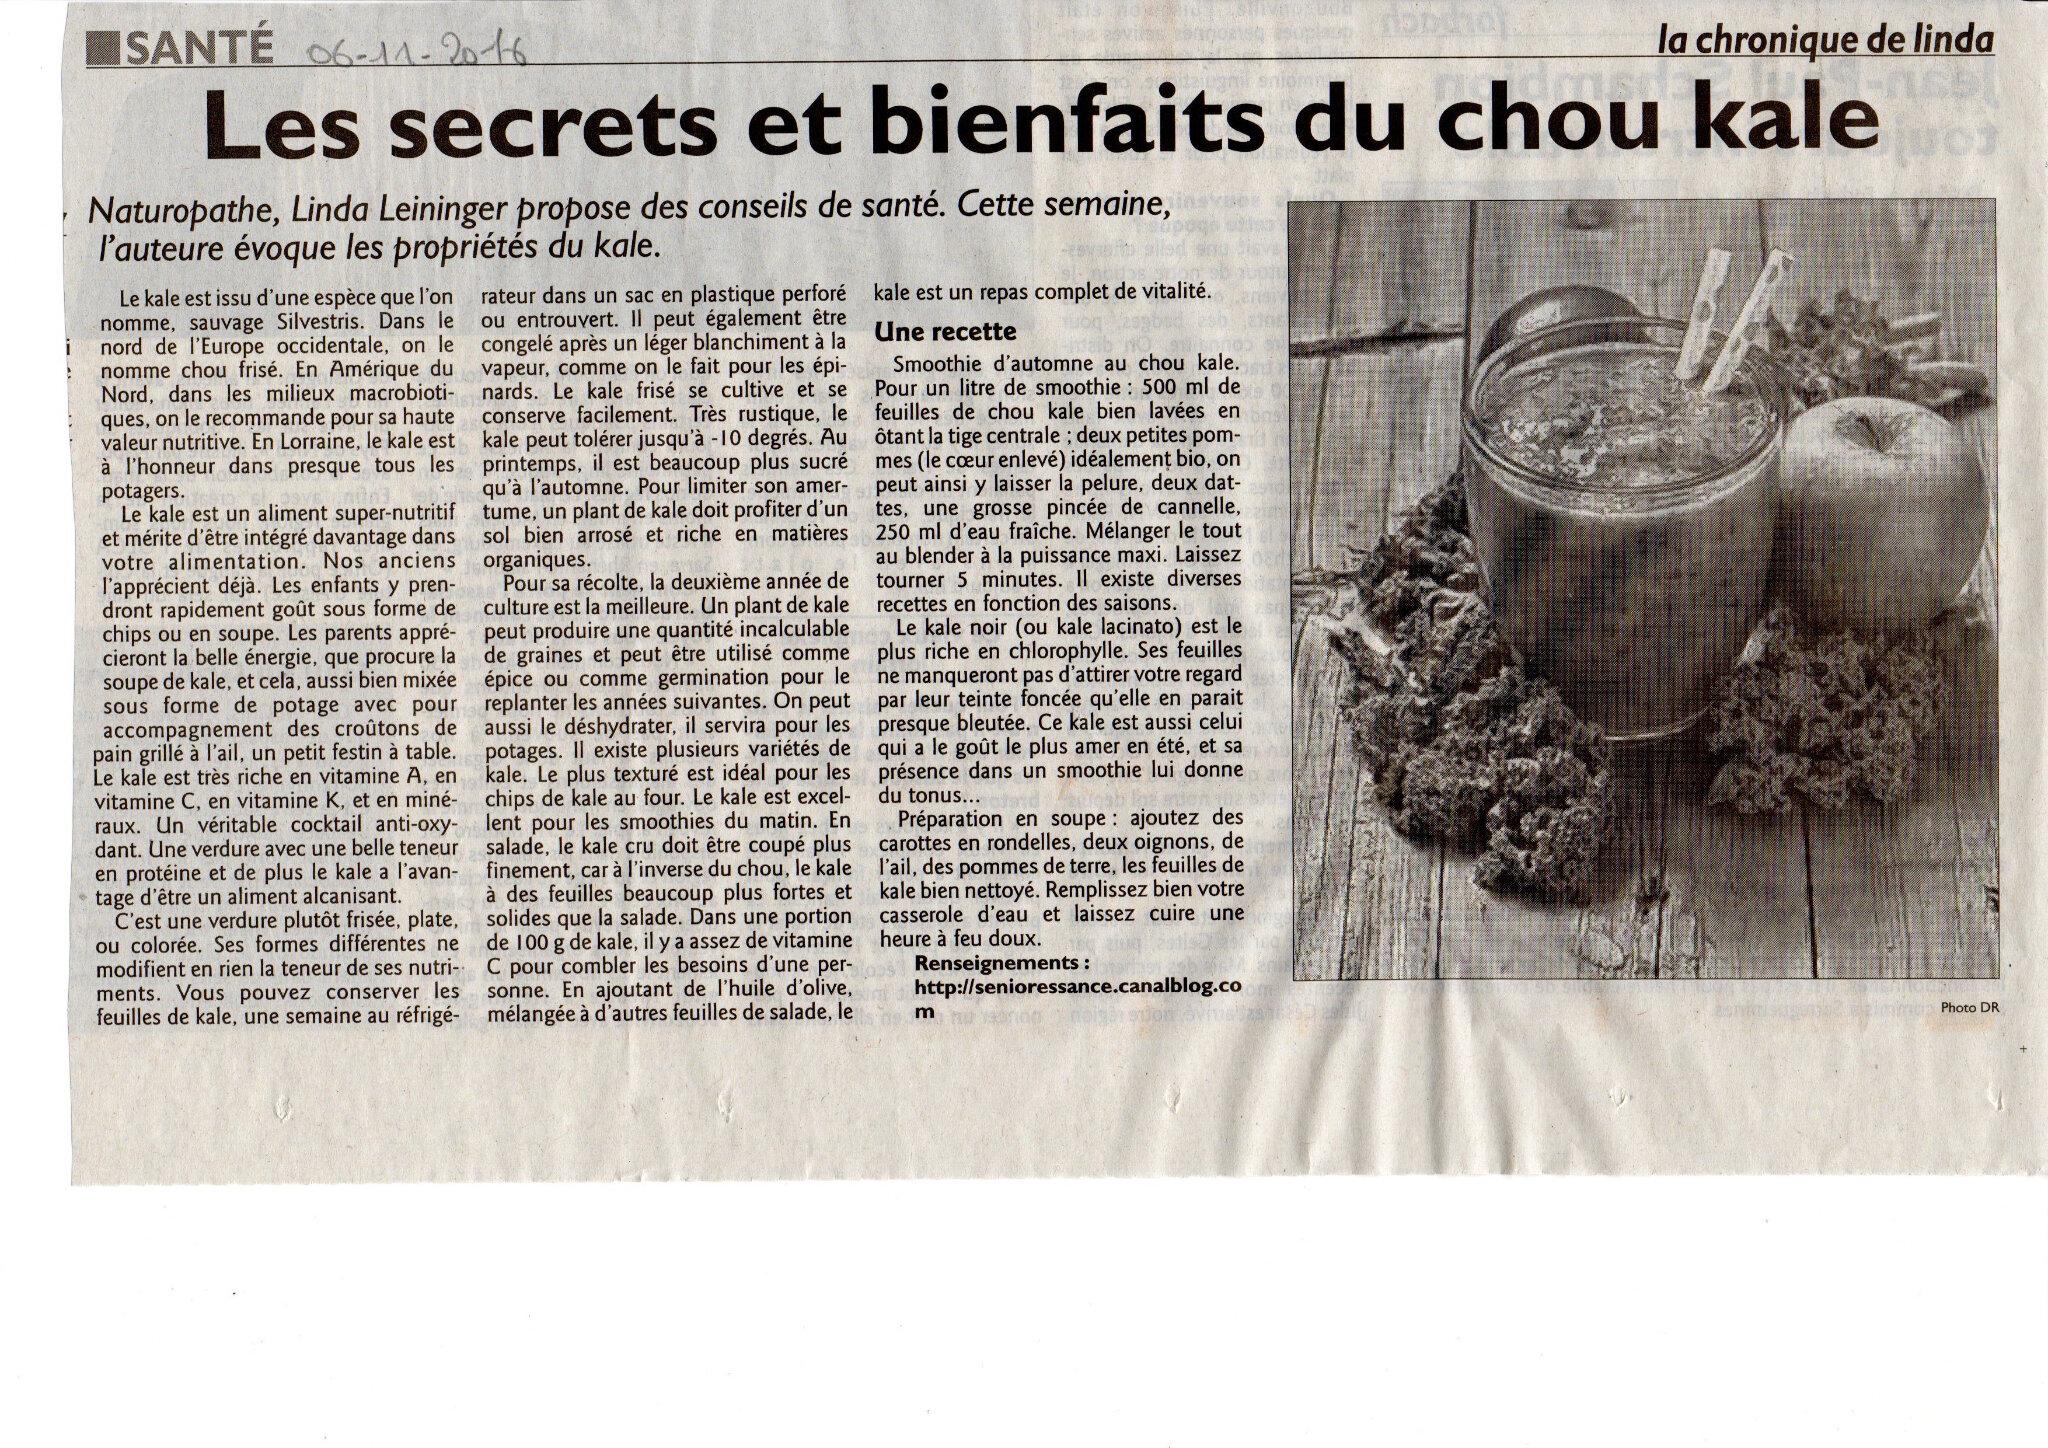 Les secrets et bienfaits du chou kale